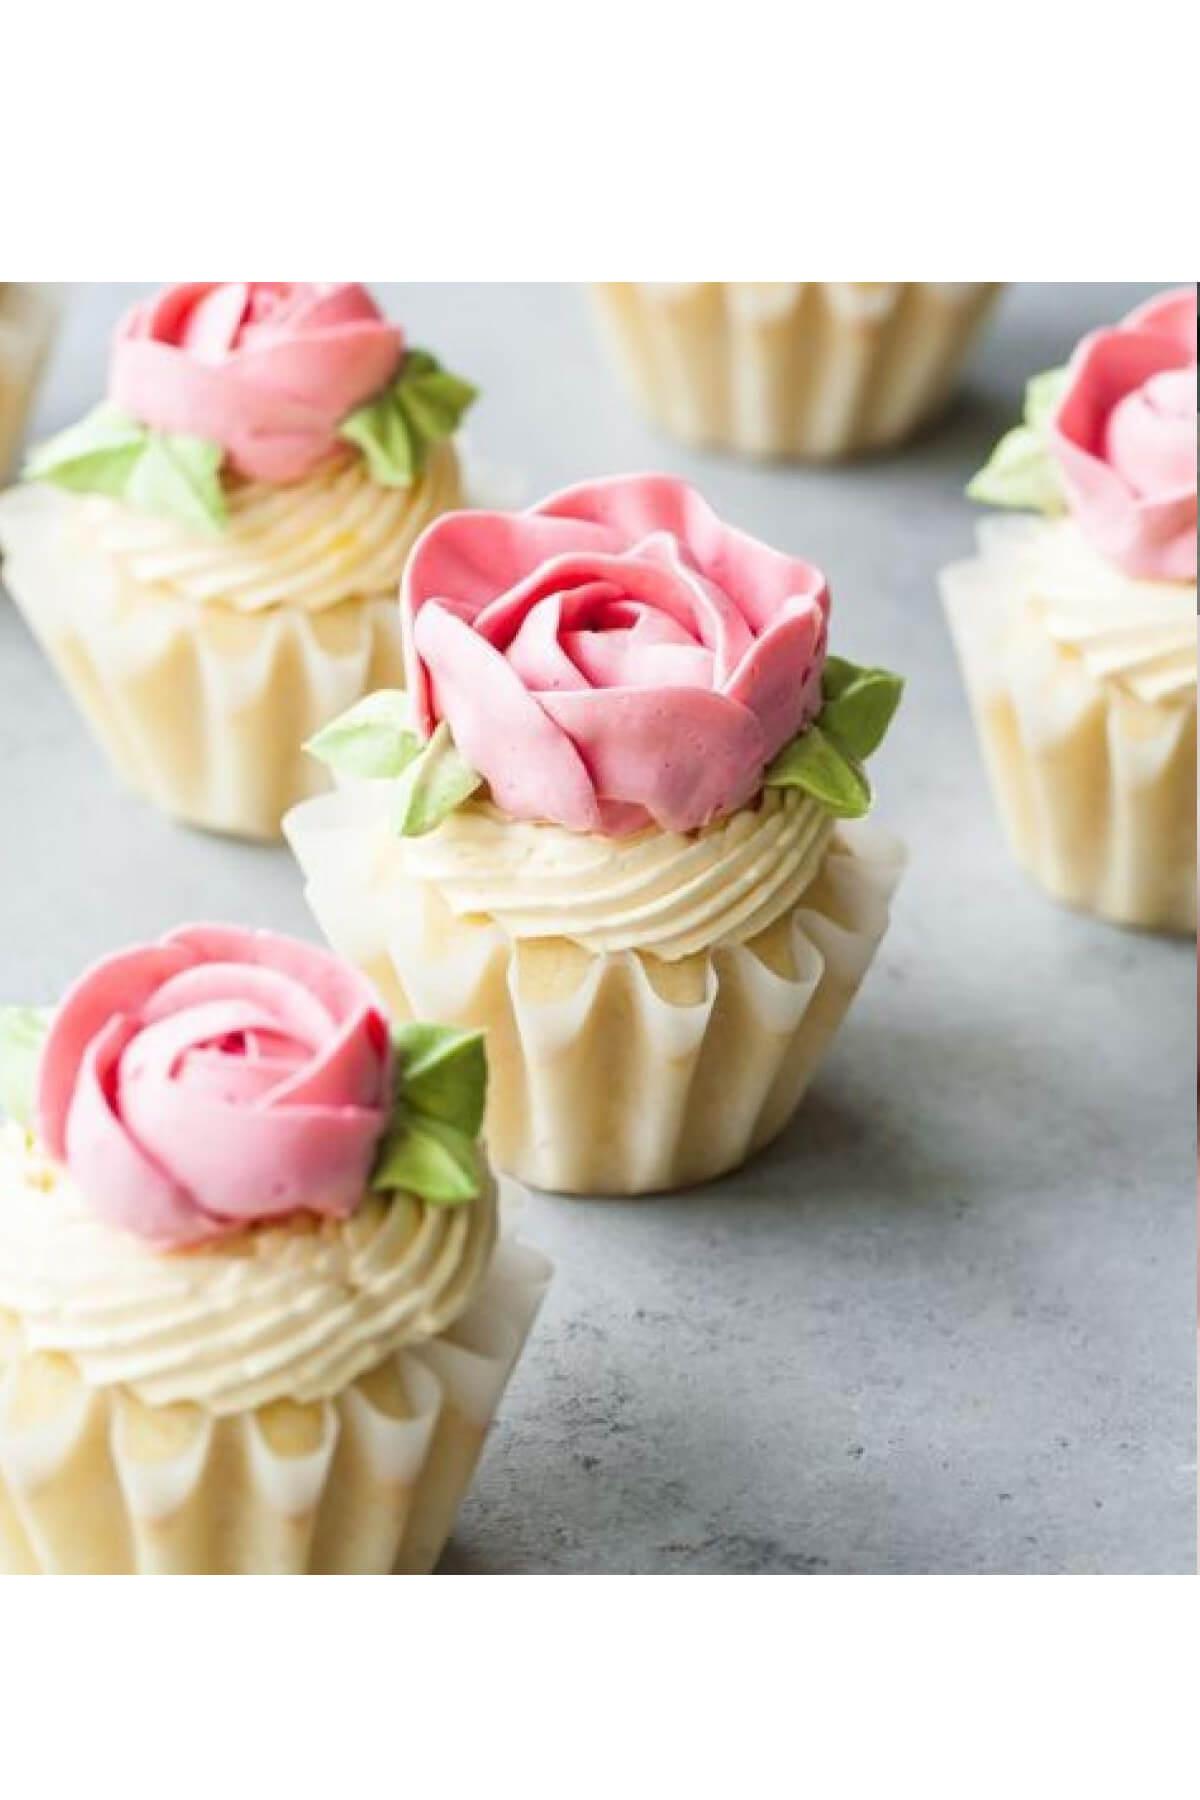 Cupcake hoa hồng kem bơ nhẹ nhàng, duyên dáng